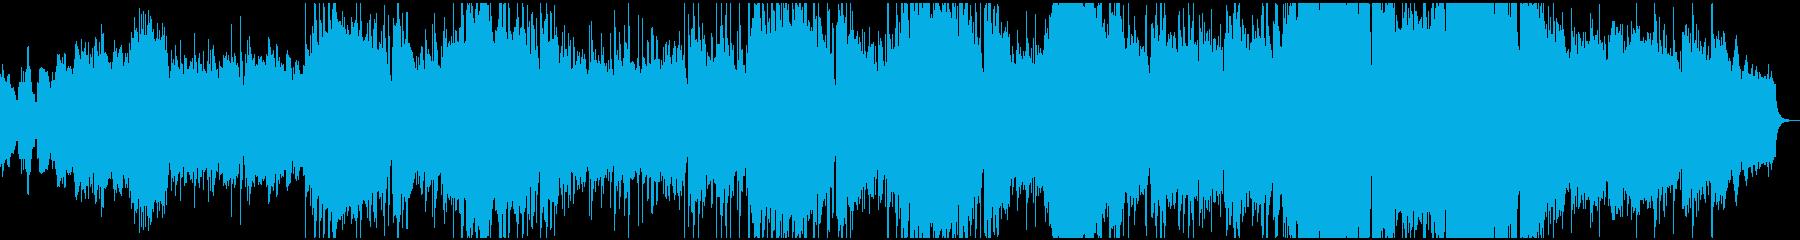 シベシウスのフィンランディアから平和の歌の再生済みの波形